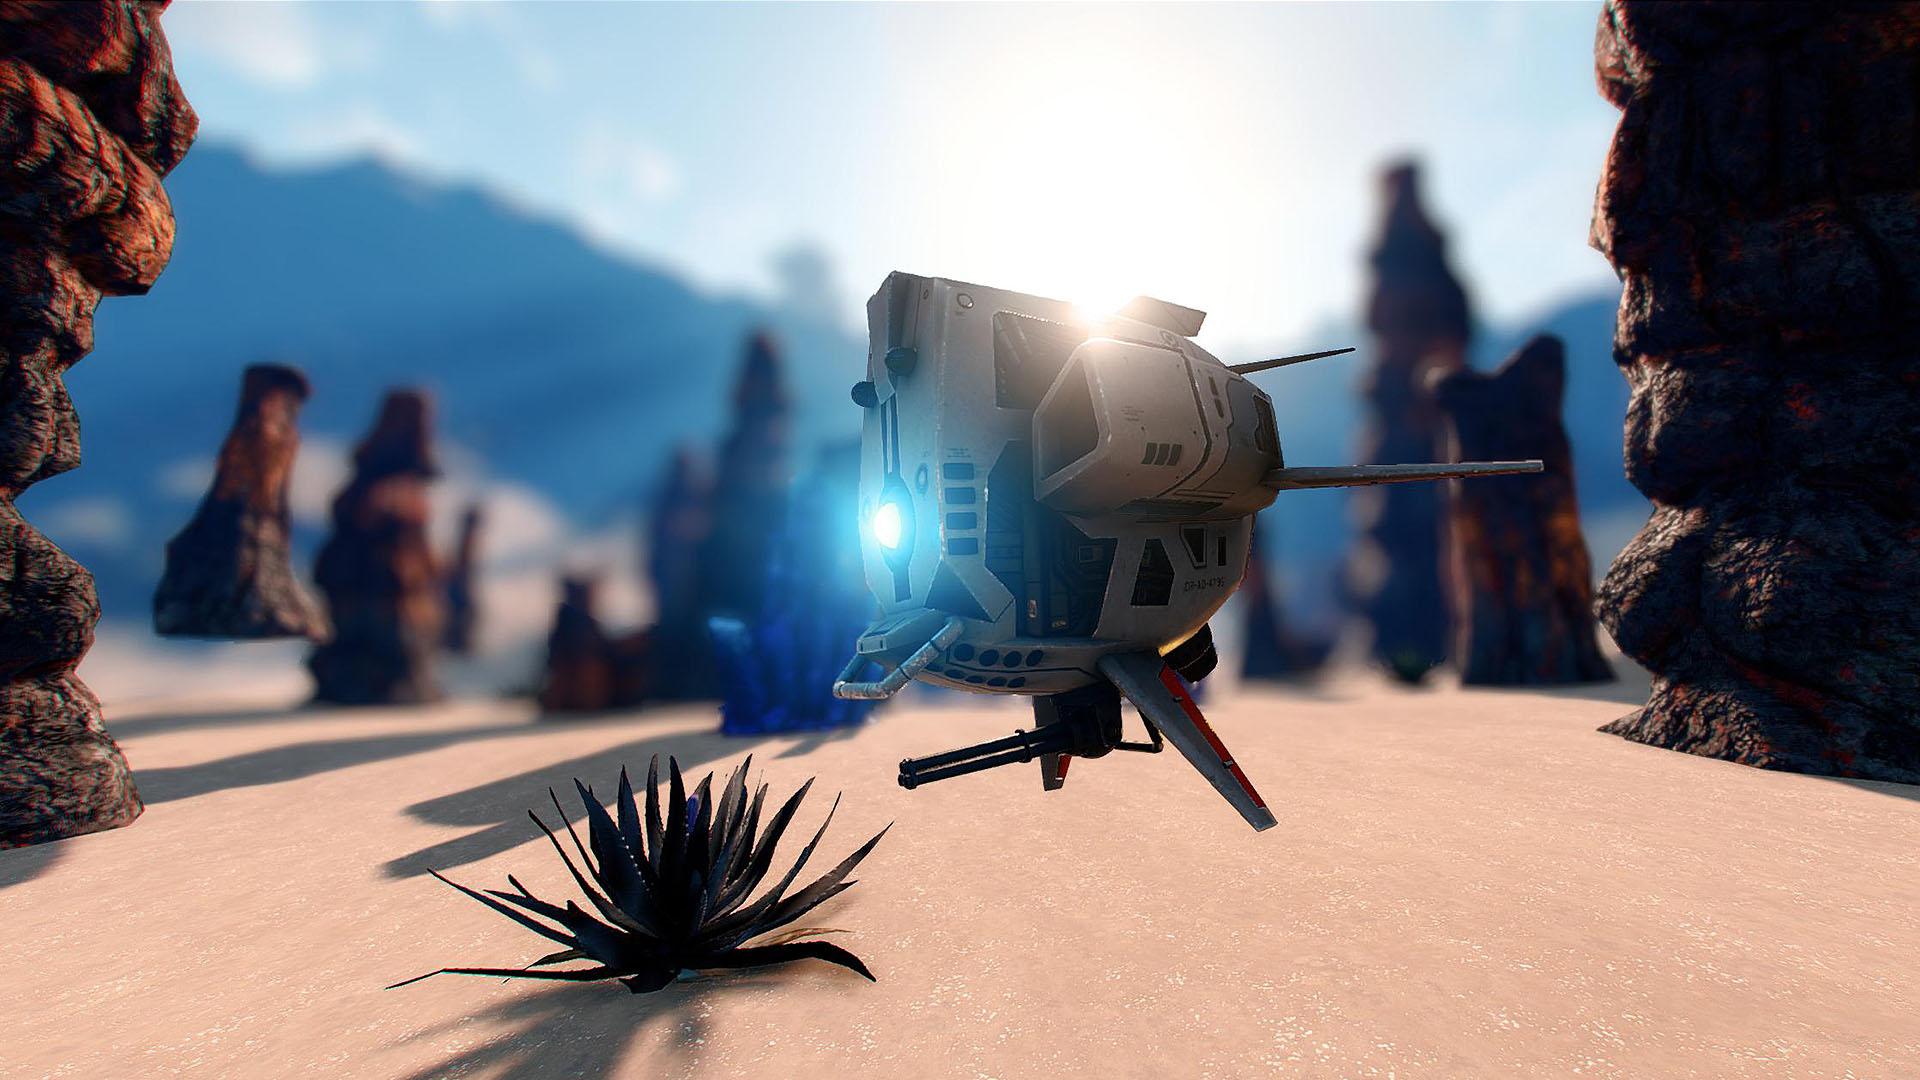 pantropy advanced drone